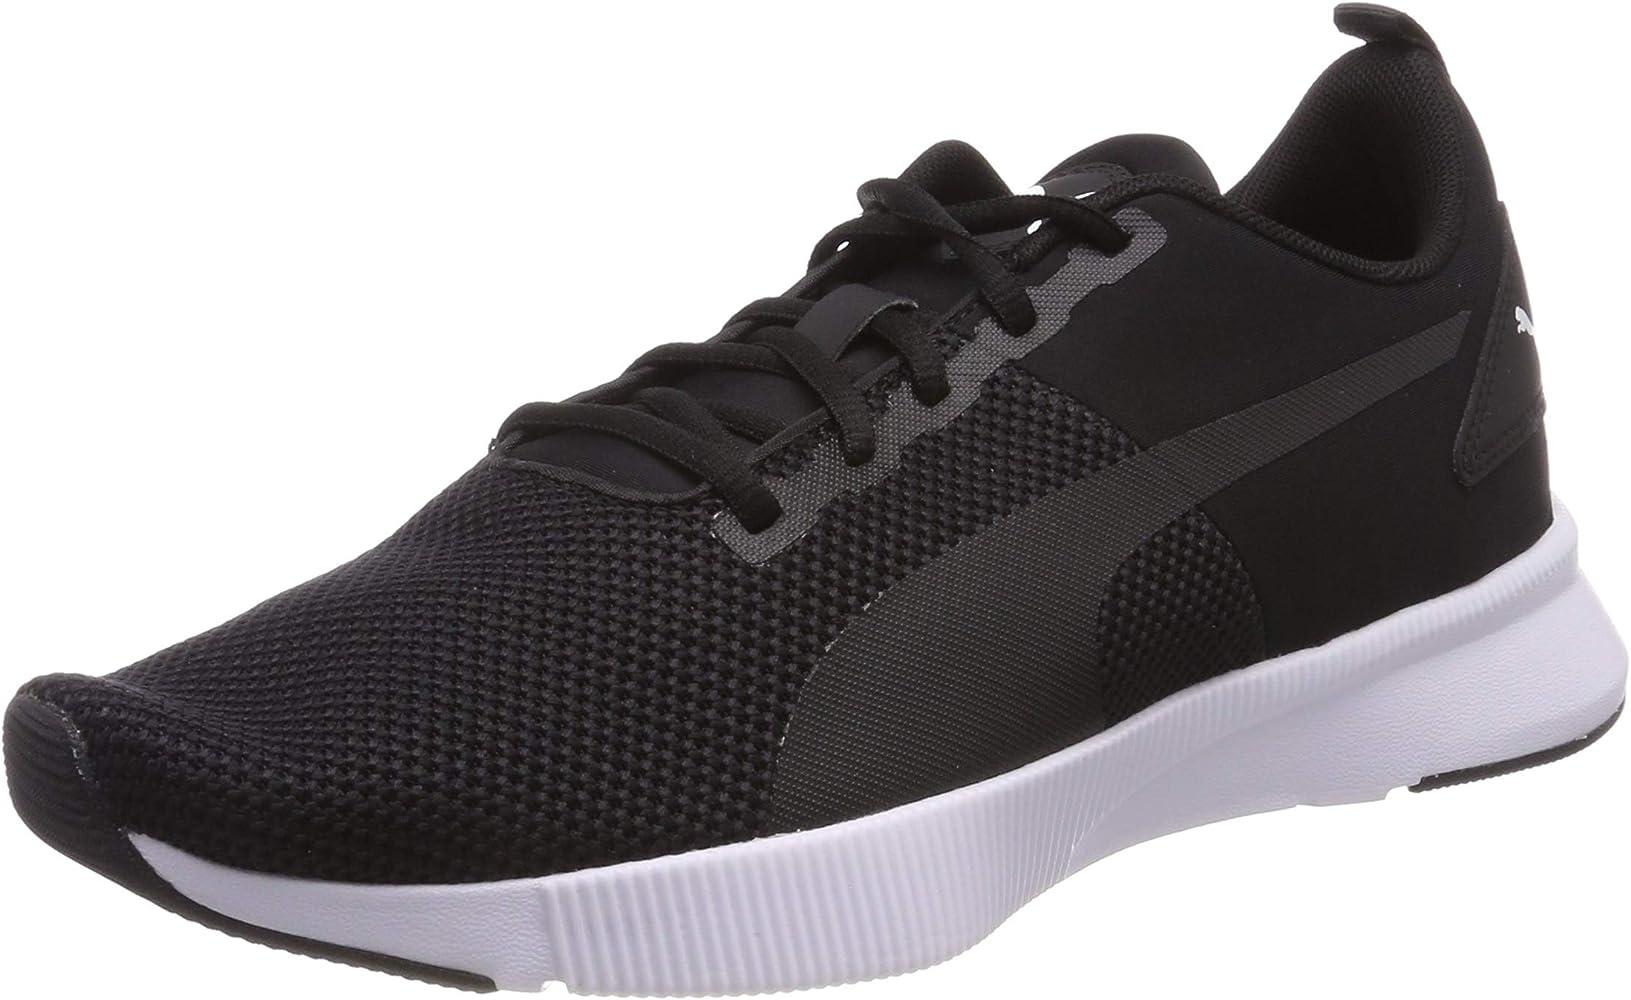 hombre nuevos productos para reputación primero Puma Flyer Runner, Zapatillas de Running Unisex Adulto